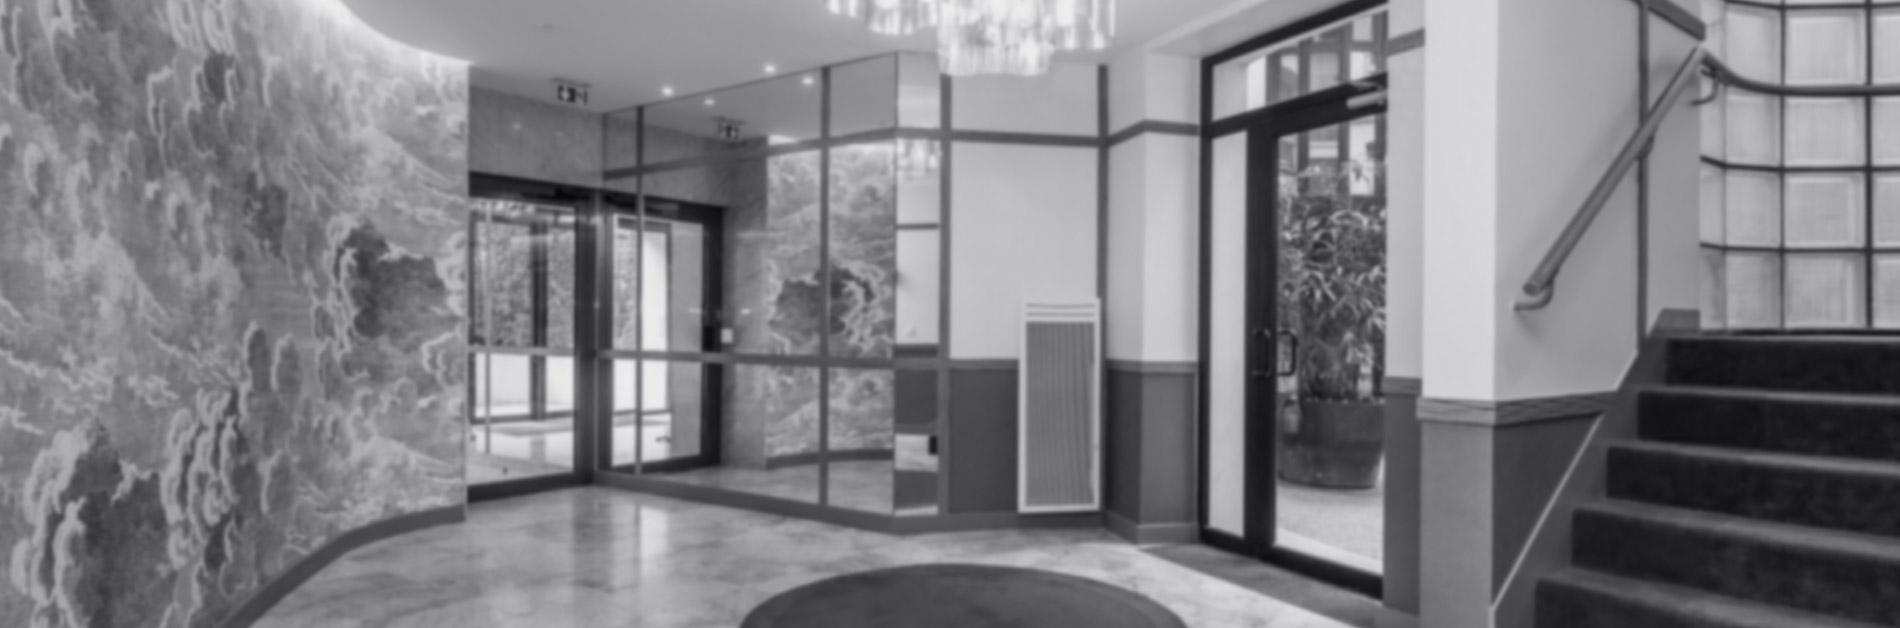 esprimm promoteur d veloppeur 60 rue st lazare paris 9e. Black Bedroom Furniture Sets. Home Design Ideas